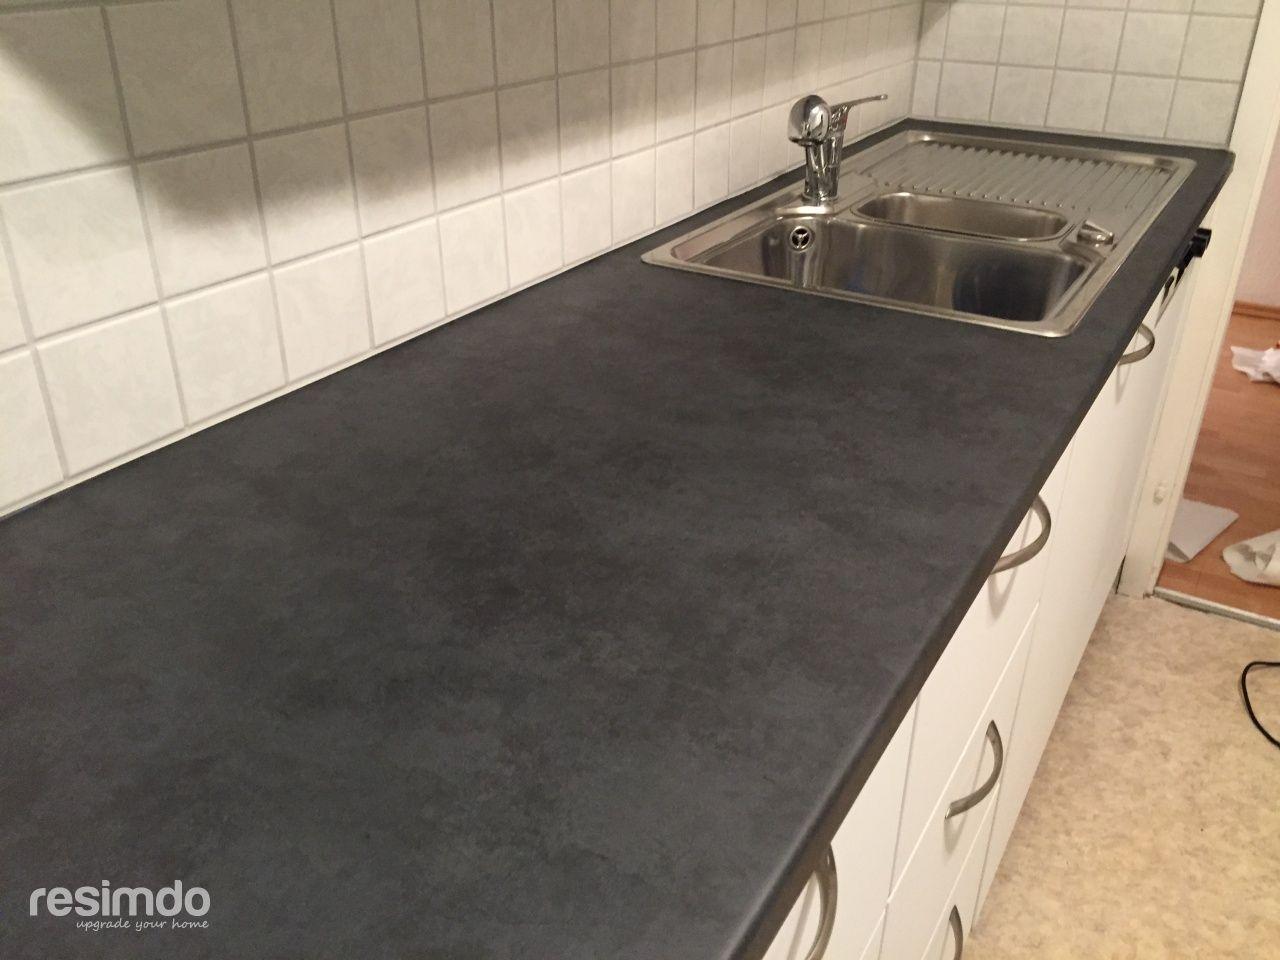 arbeitsplatte bekleben mit folie schwarz steinoptik03 | haus ... - Küche Mit Folie Bekleben